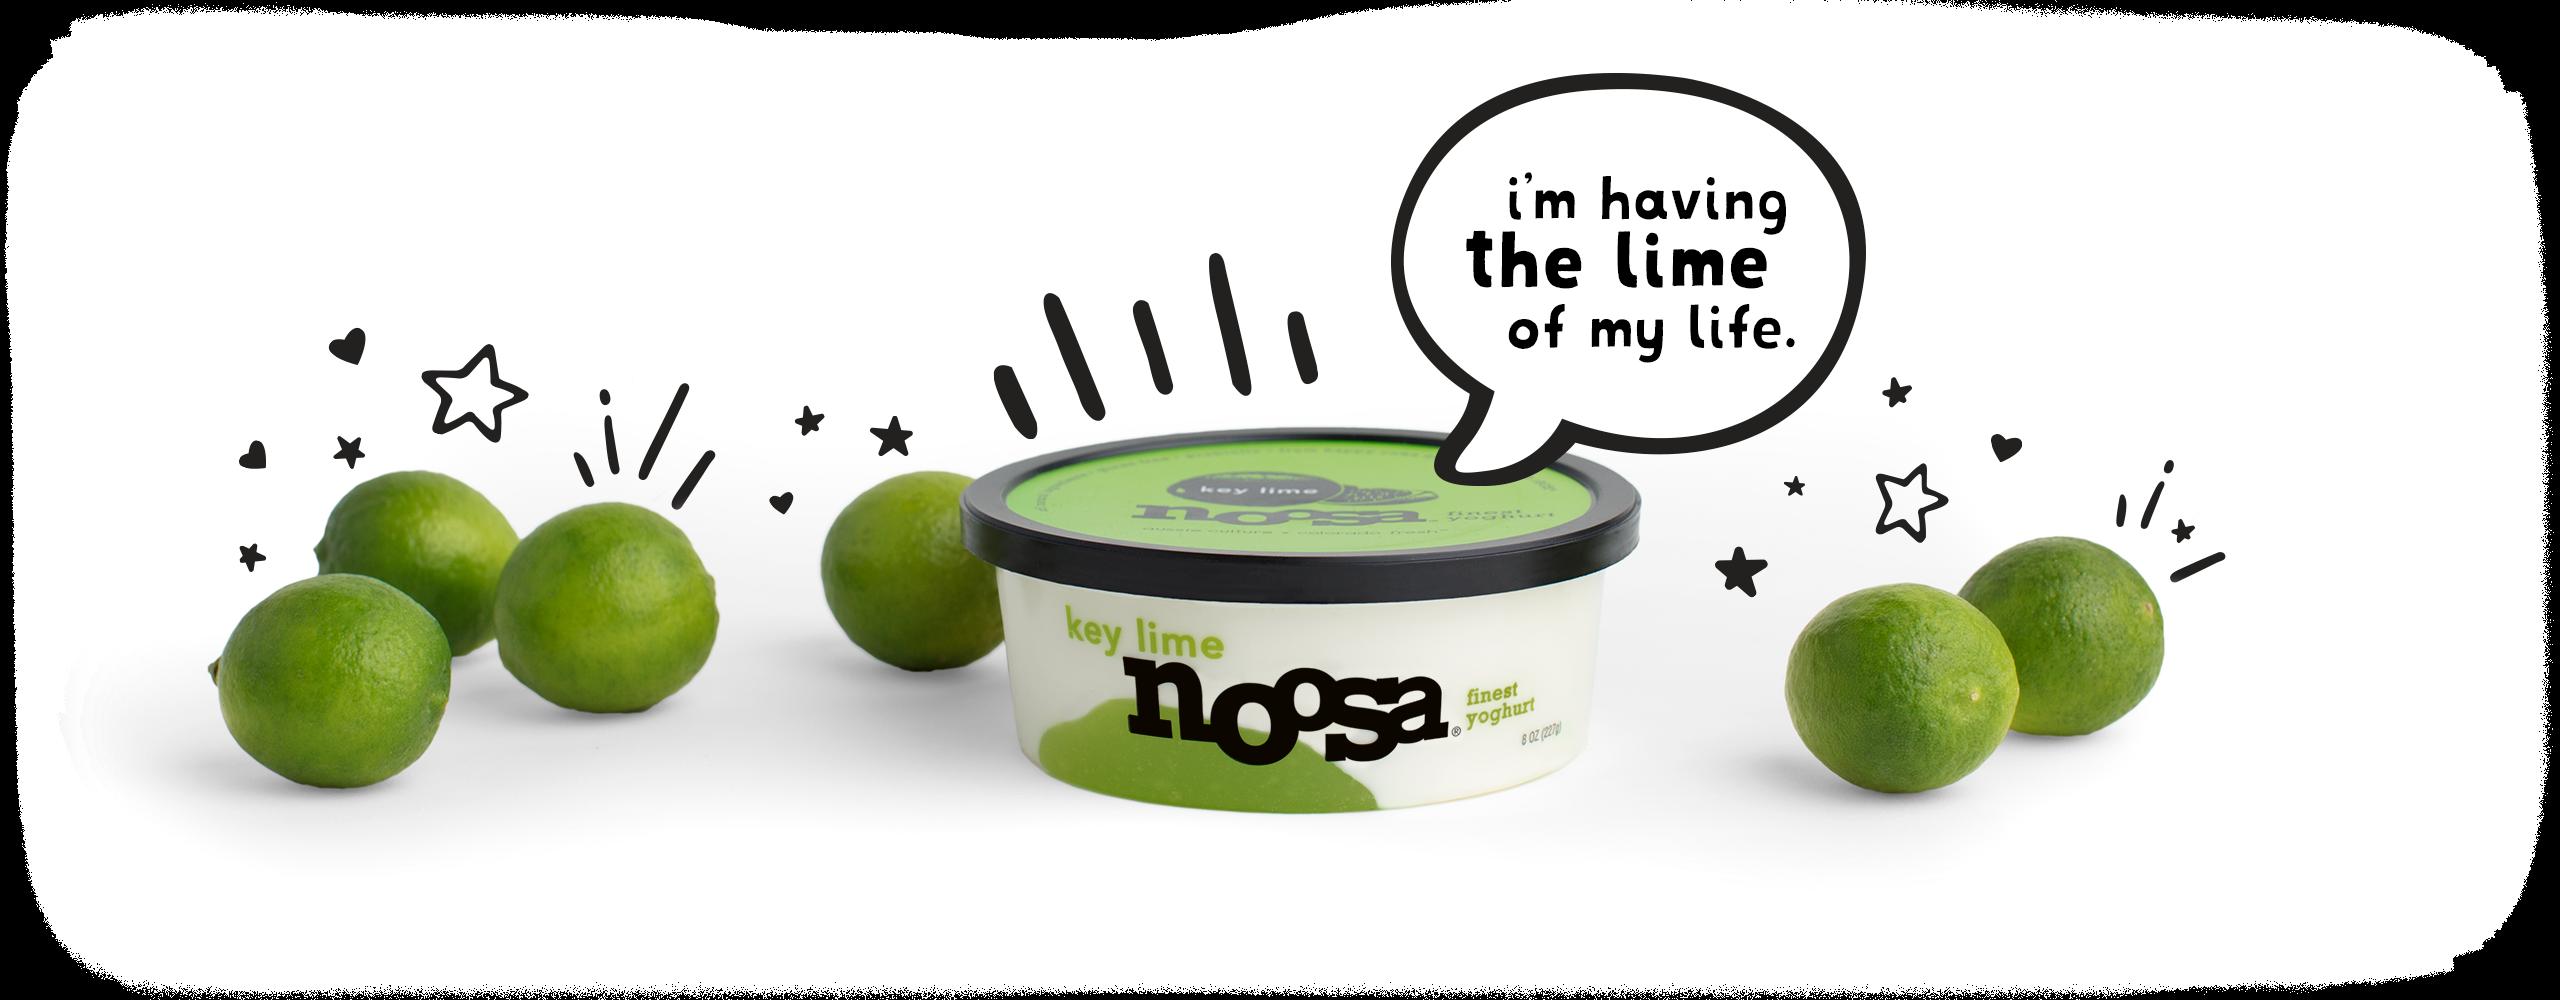 Key lime noosa . Yogurt clipart yogurt tub